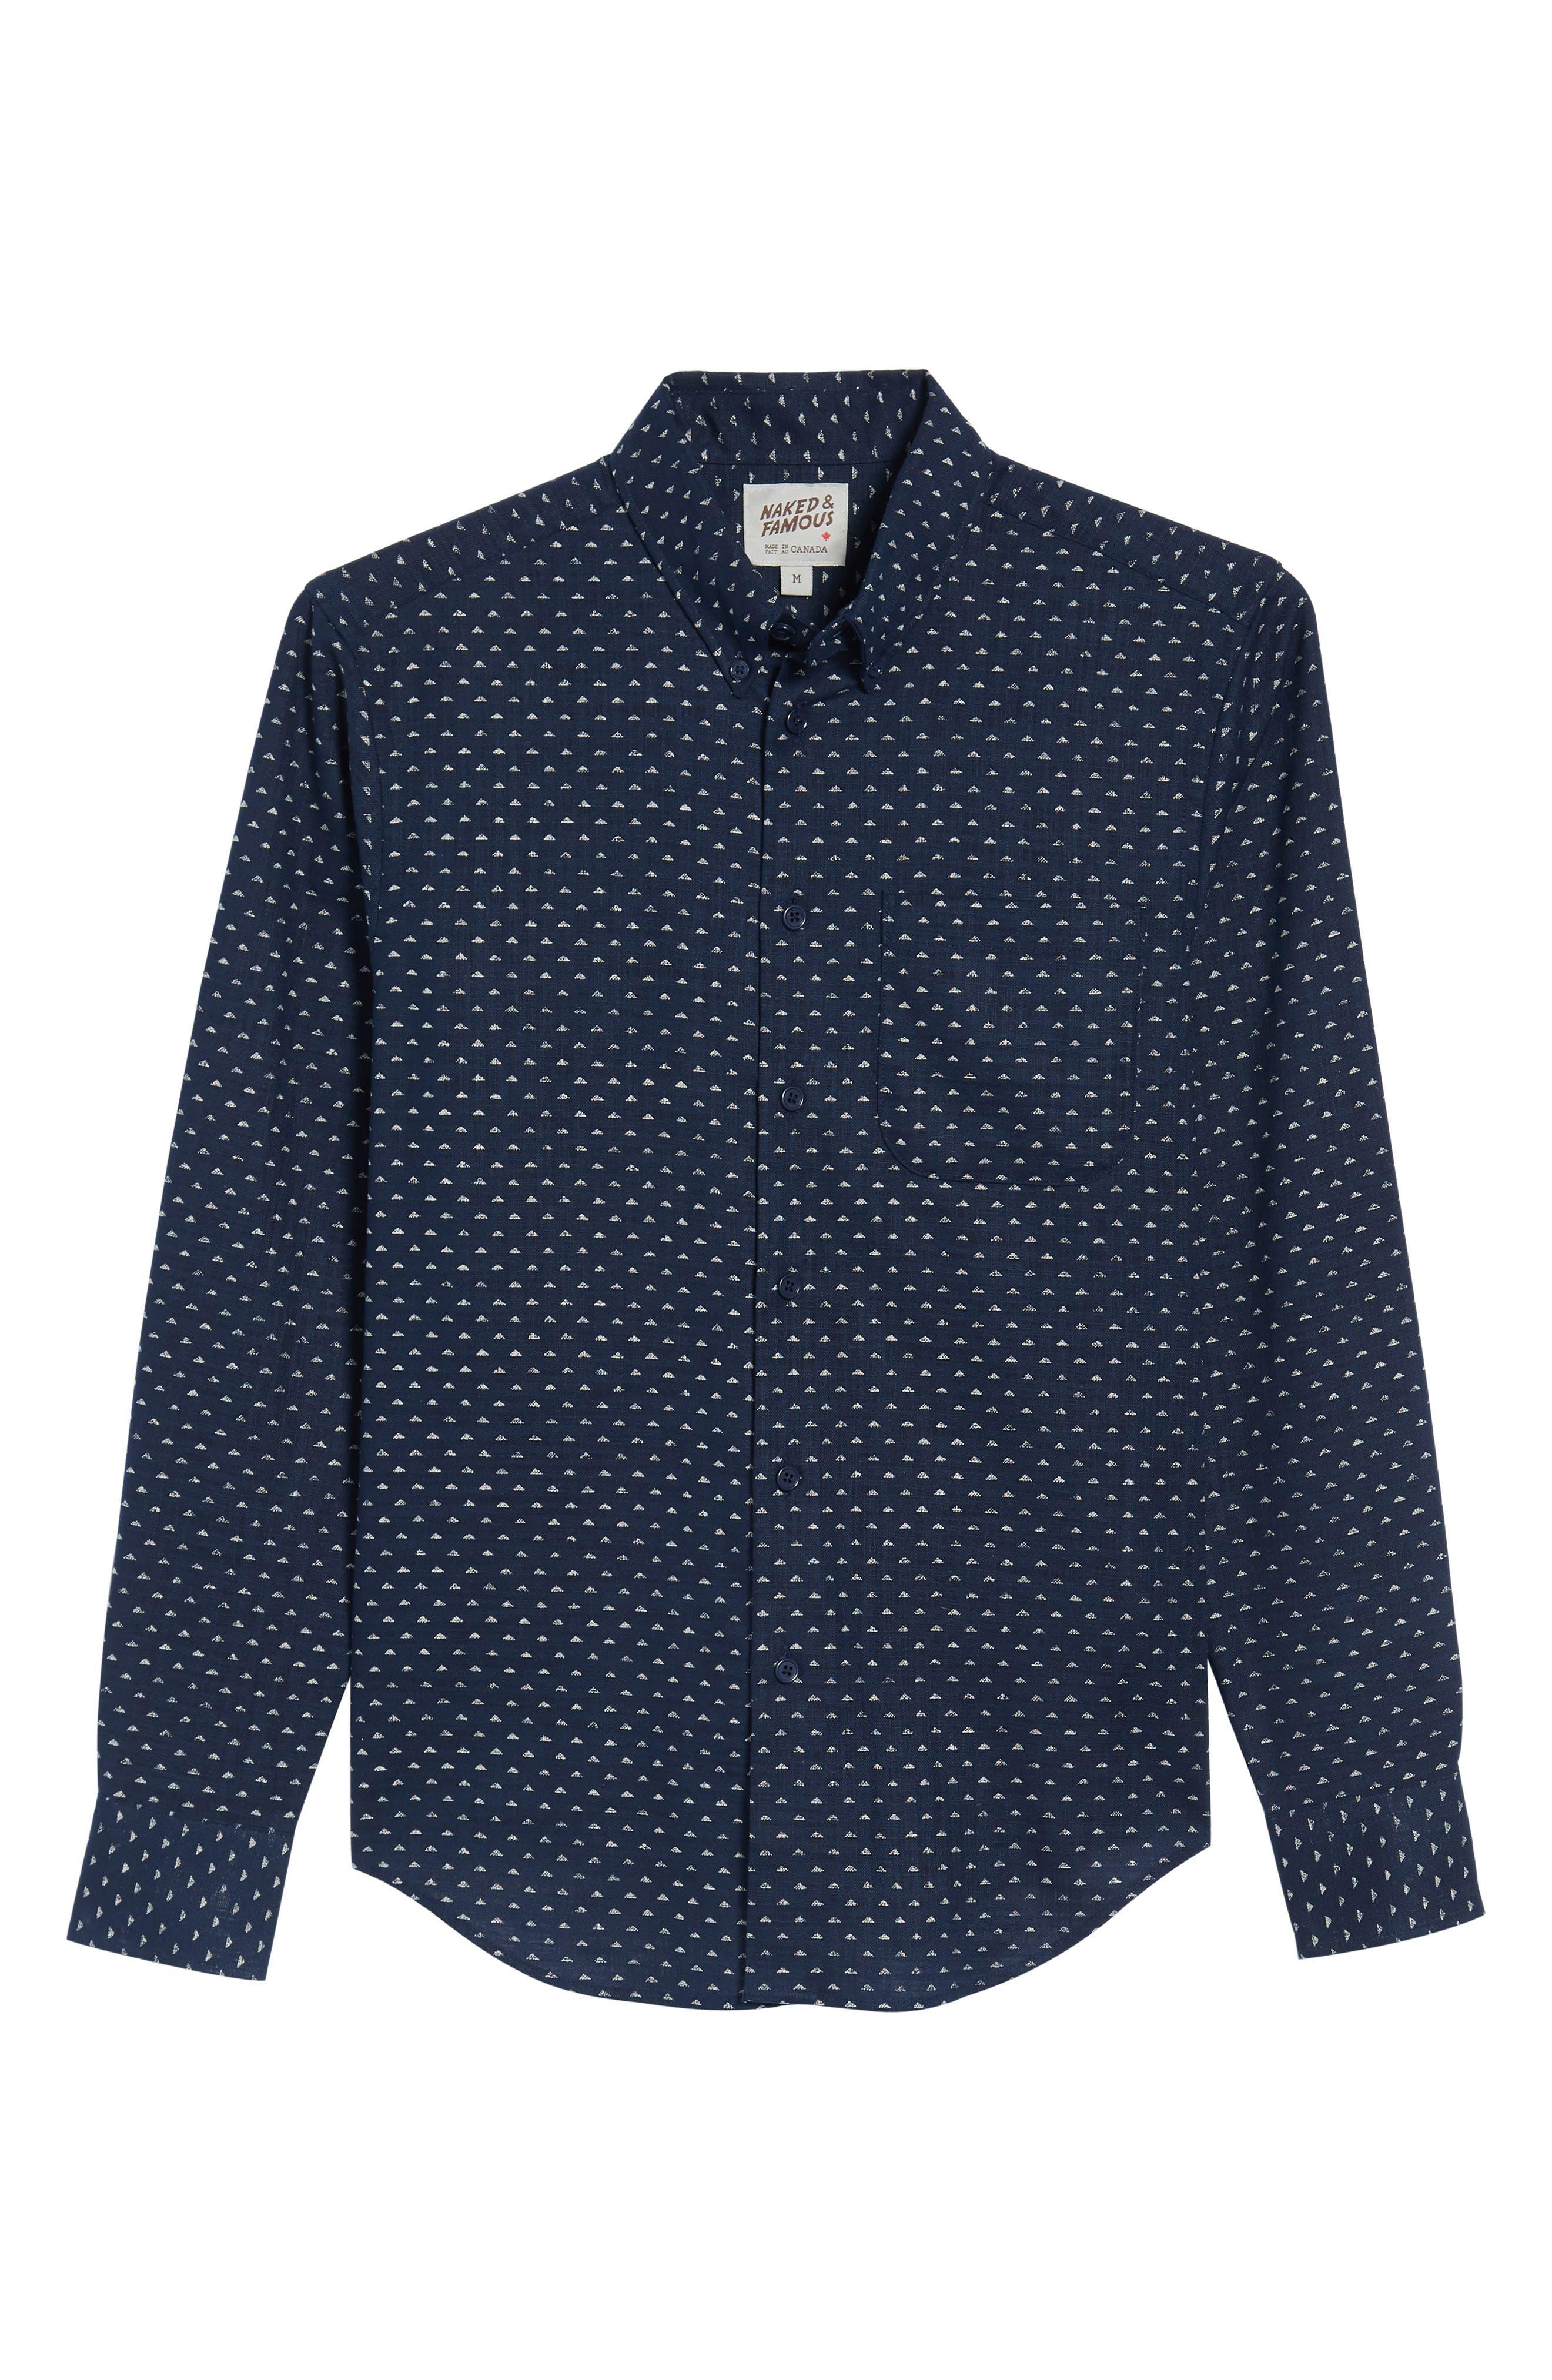 Kimono Print Shirt,                             Alternate thumbnail 6, color,                             401